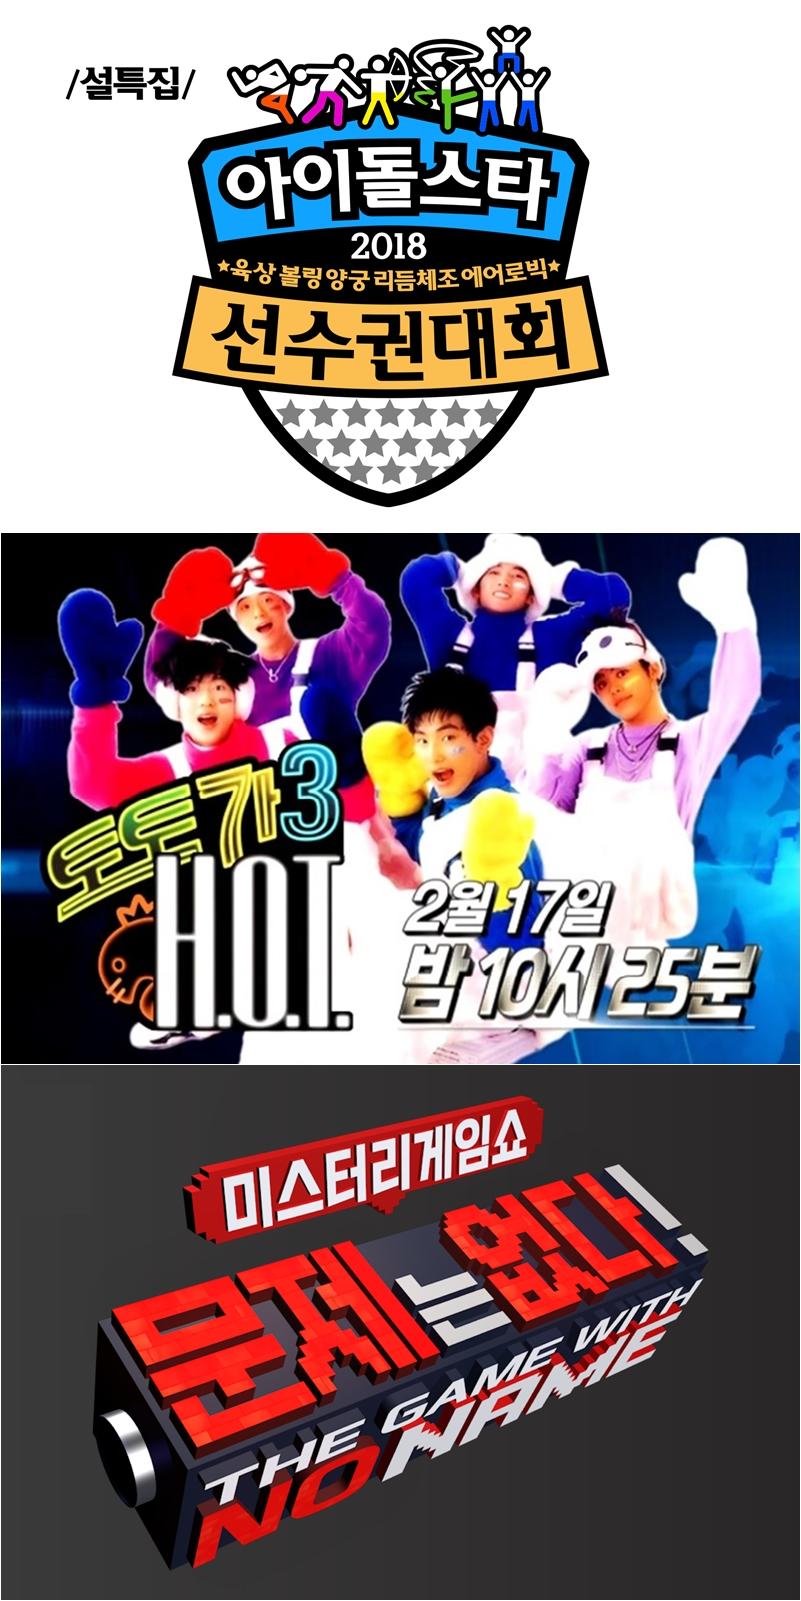 #아육대 #토토가3 #문제는 없다...2018 MBC 설특집 편성표